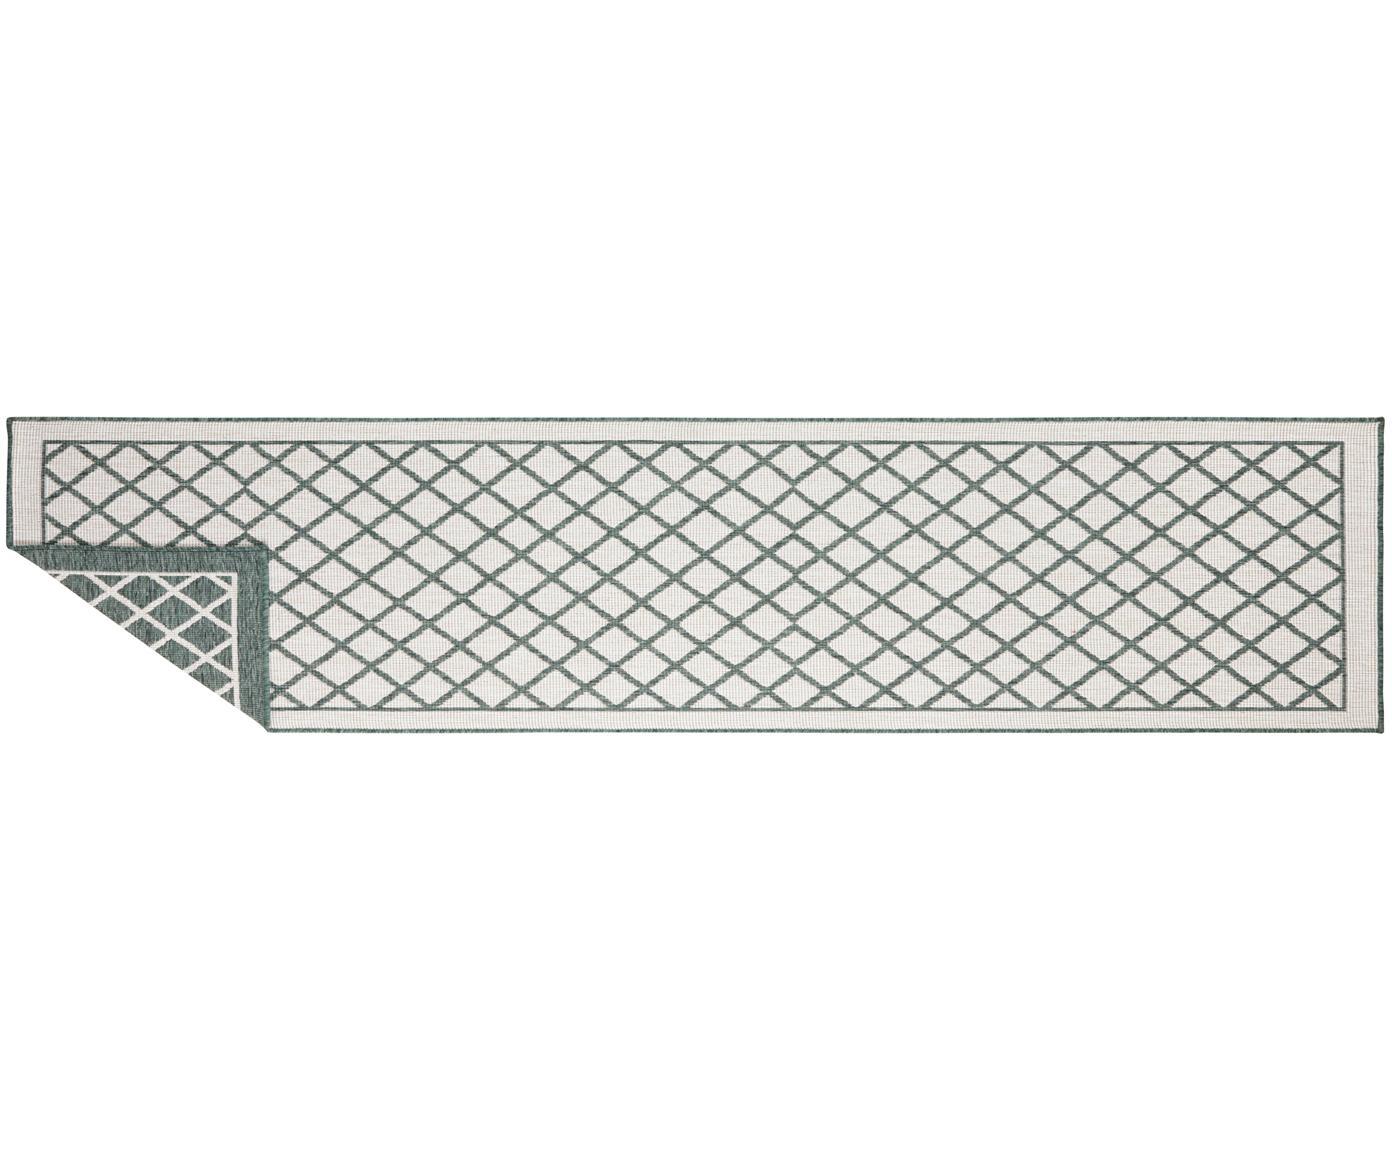 In- und Outdoor-Wendeläufer Sydney in Grün/Creme, Grün, Creme, 80 x 350 cm